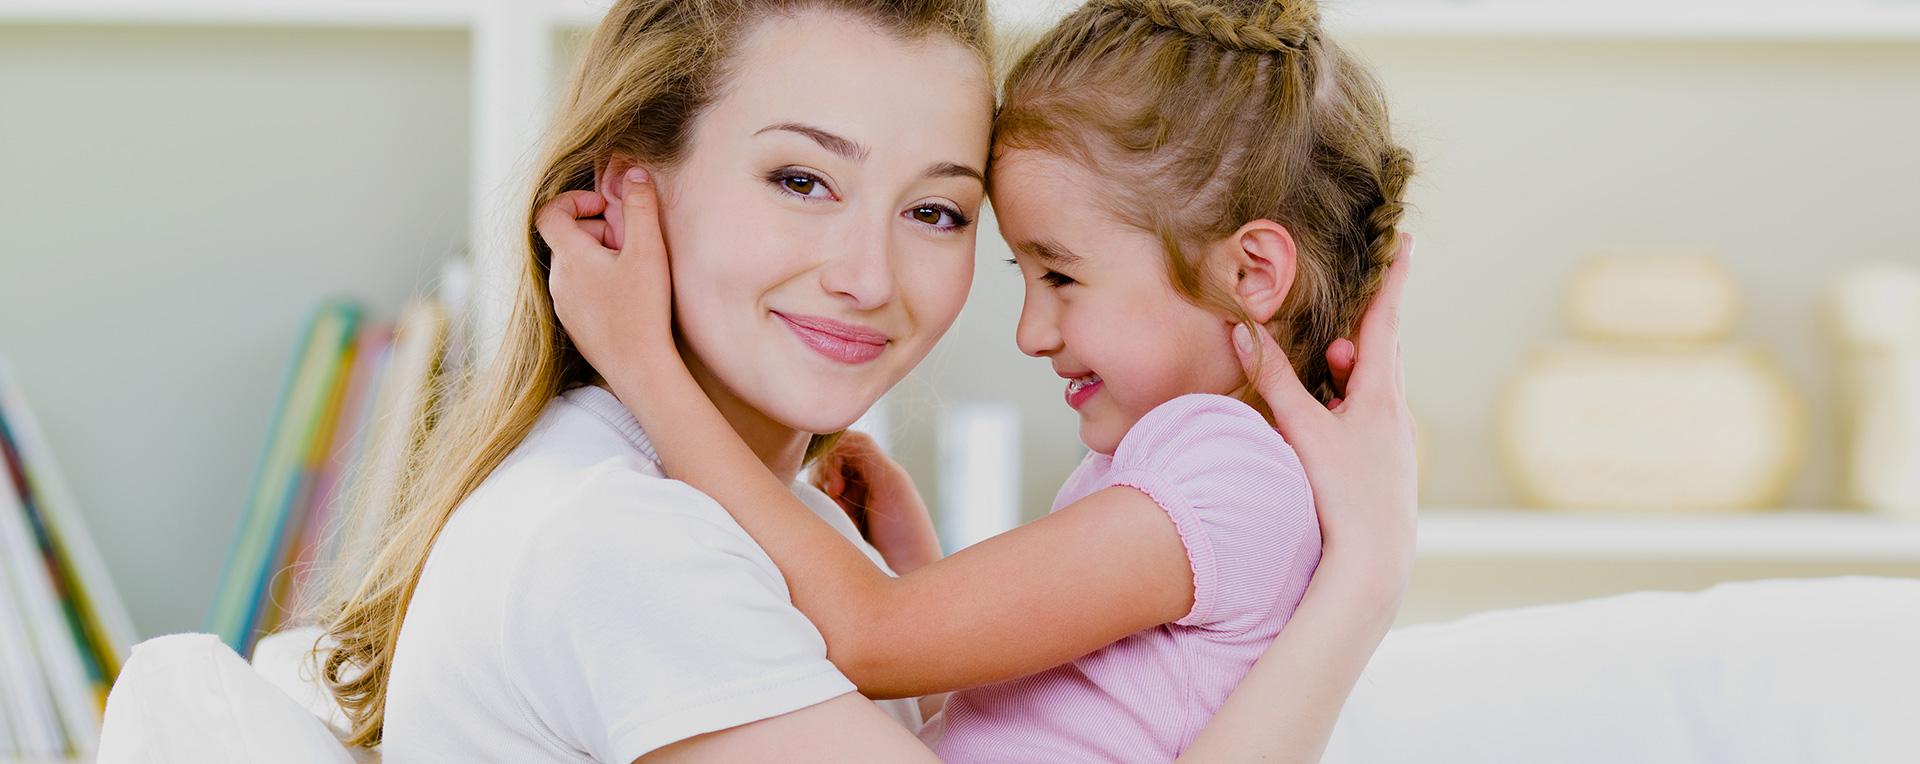 Как убрать, картинки про воспитание детей в семье